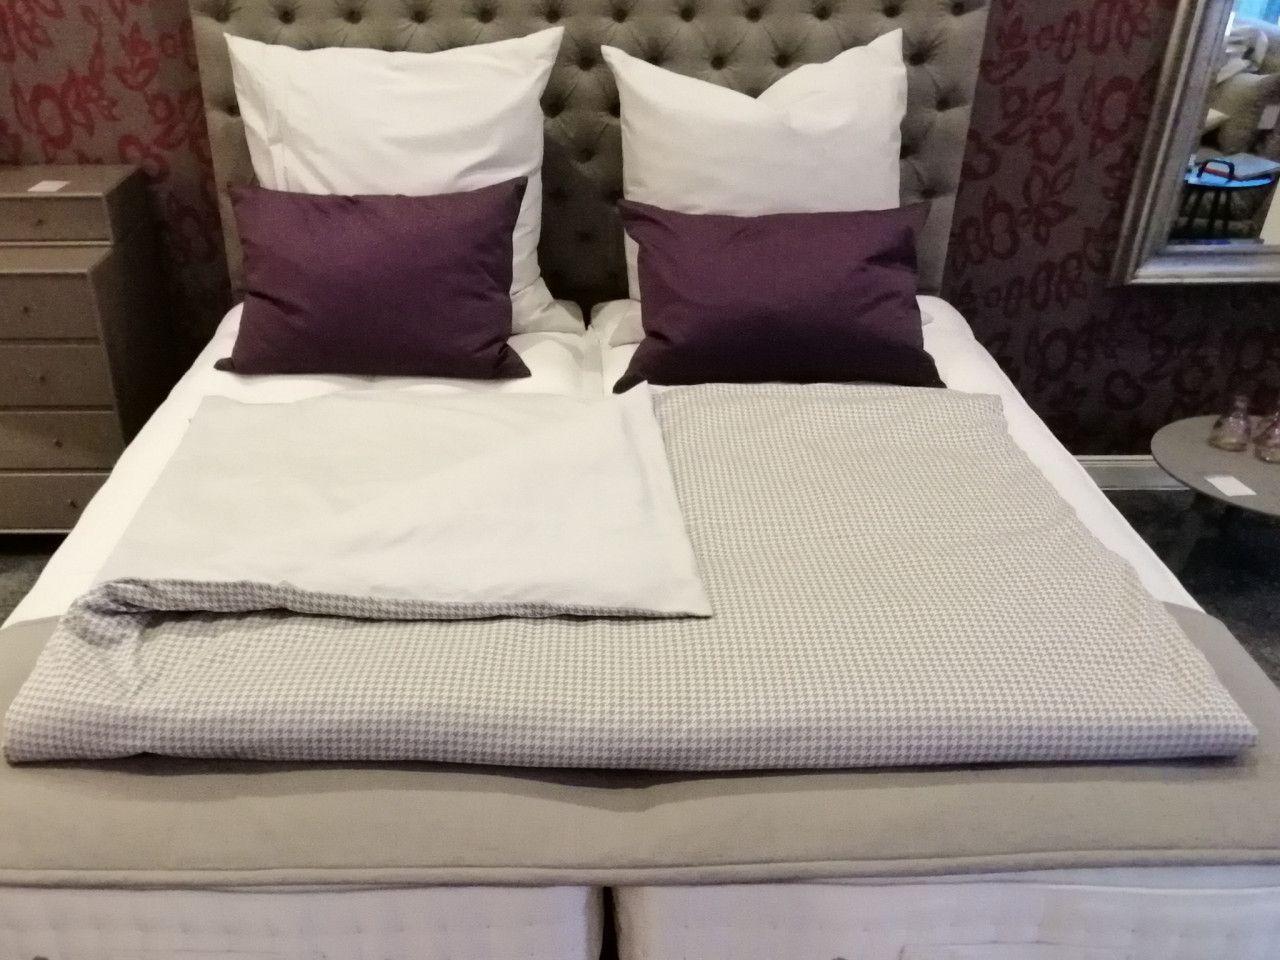 Luiz Bettwasche 7 Teilig Bettwasche Bett Und Spannbettlaken